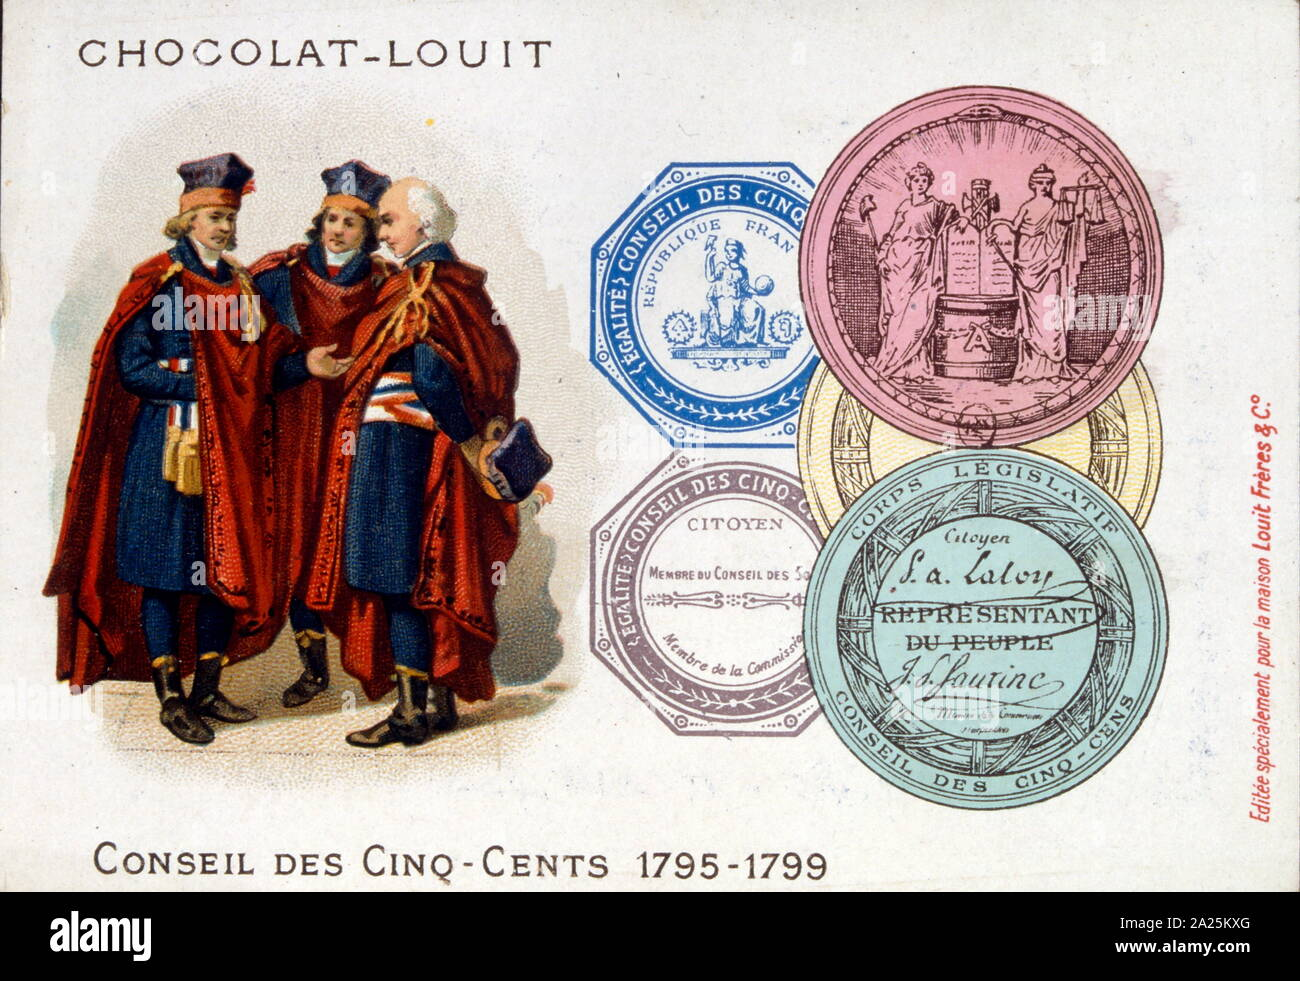 Ilustración representando a los miembros del Consejo de quinientos (Conseil des Cinq-Cents), o simplemente los Quinientos, fue la cámara baja de la asamblea legislativa de Francia en virtud de la Constitución del año III. Existió durante el periodo comúnmente conocido (nombre de la rama ejecutiva durante este tiempo) como el Directorio (Directorio), desde el 26 de octubre de 1795 hasta el 9 de noviembre de 1799 Foto de stock